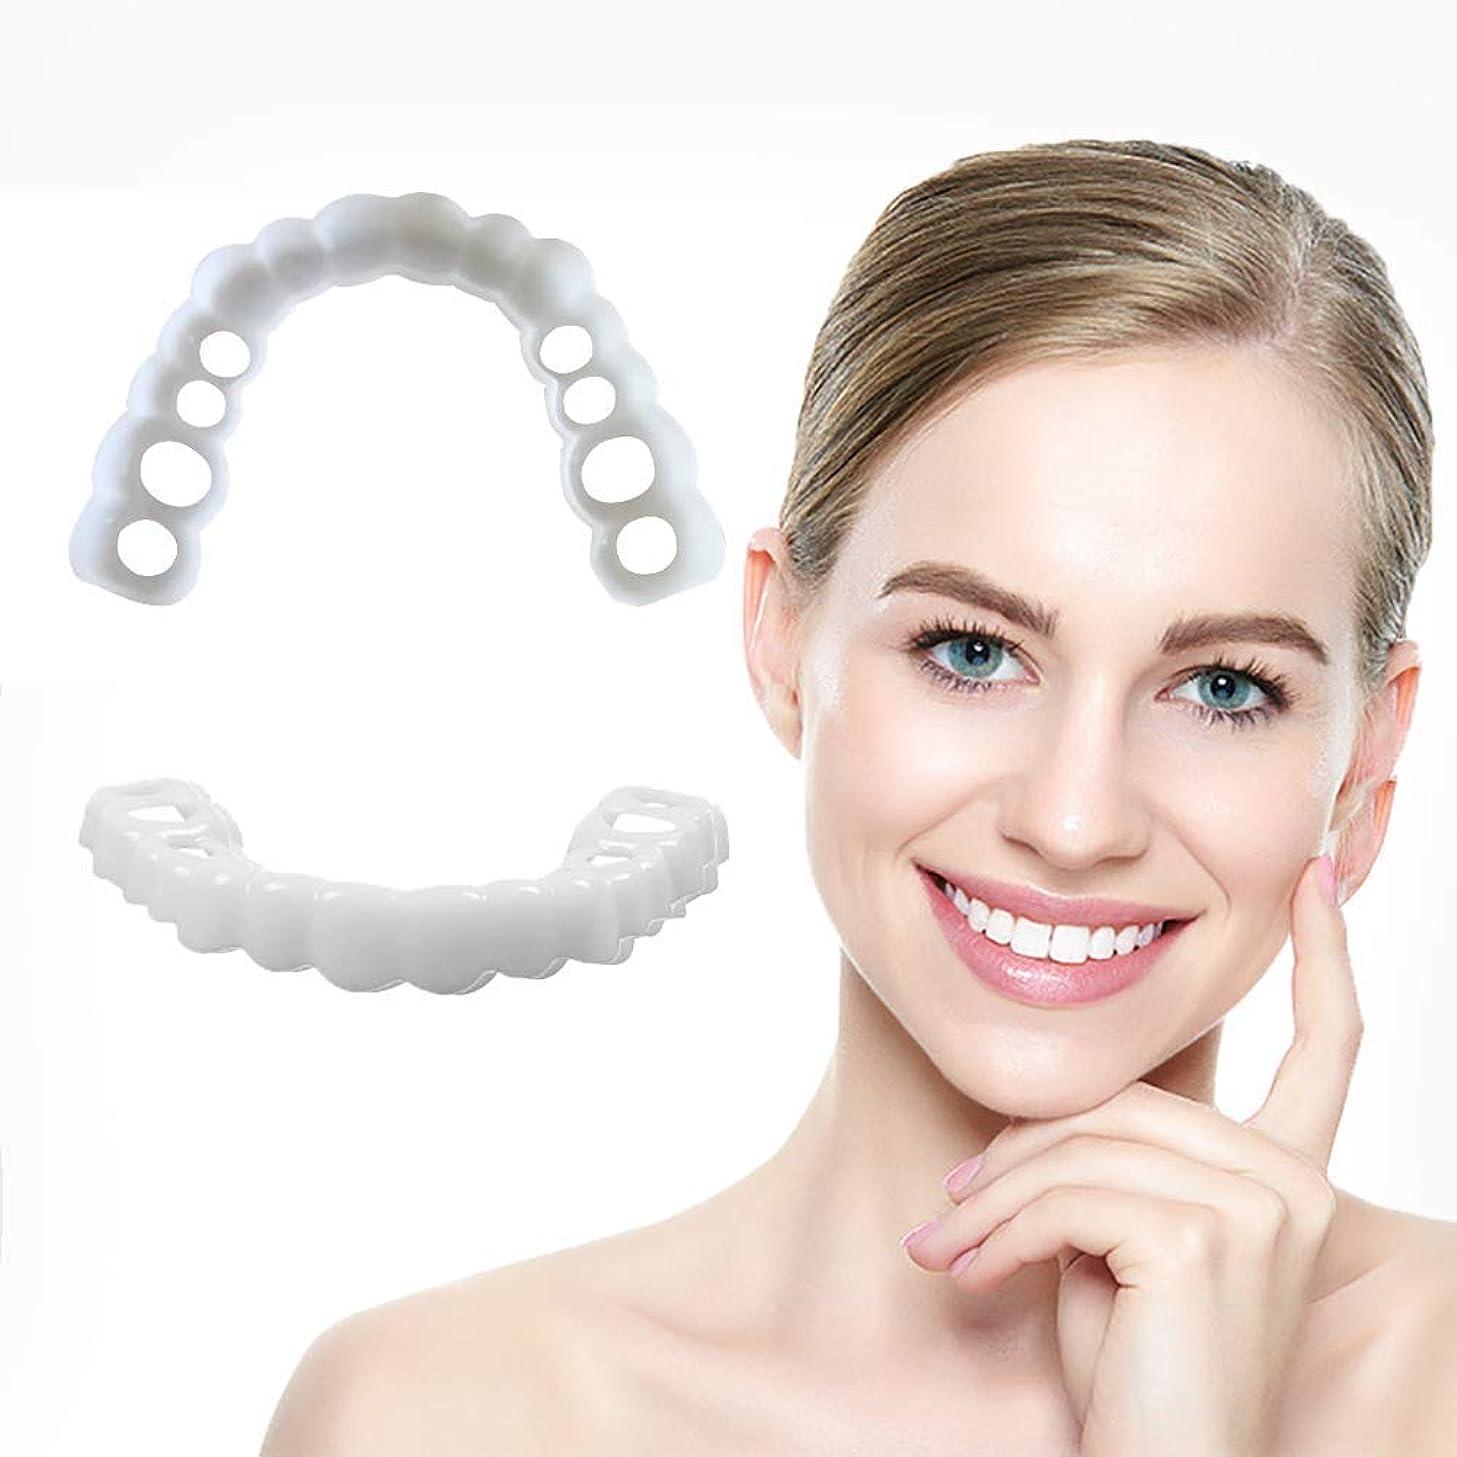 平行スポンジ意気揚々セットの第二世代のシリコーンのシミュレーションの歯科用義歯を白くする上下の歯の模擬装具,3pcs,Upperteeth